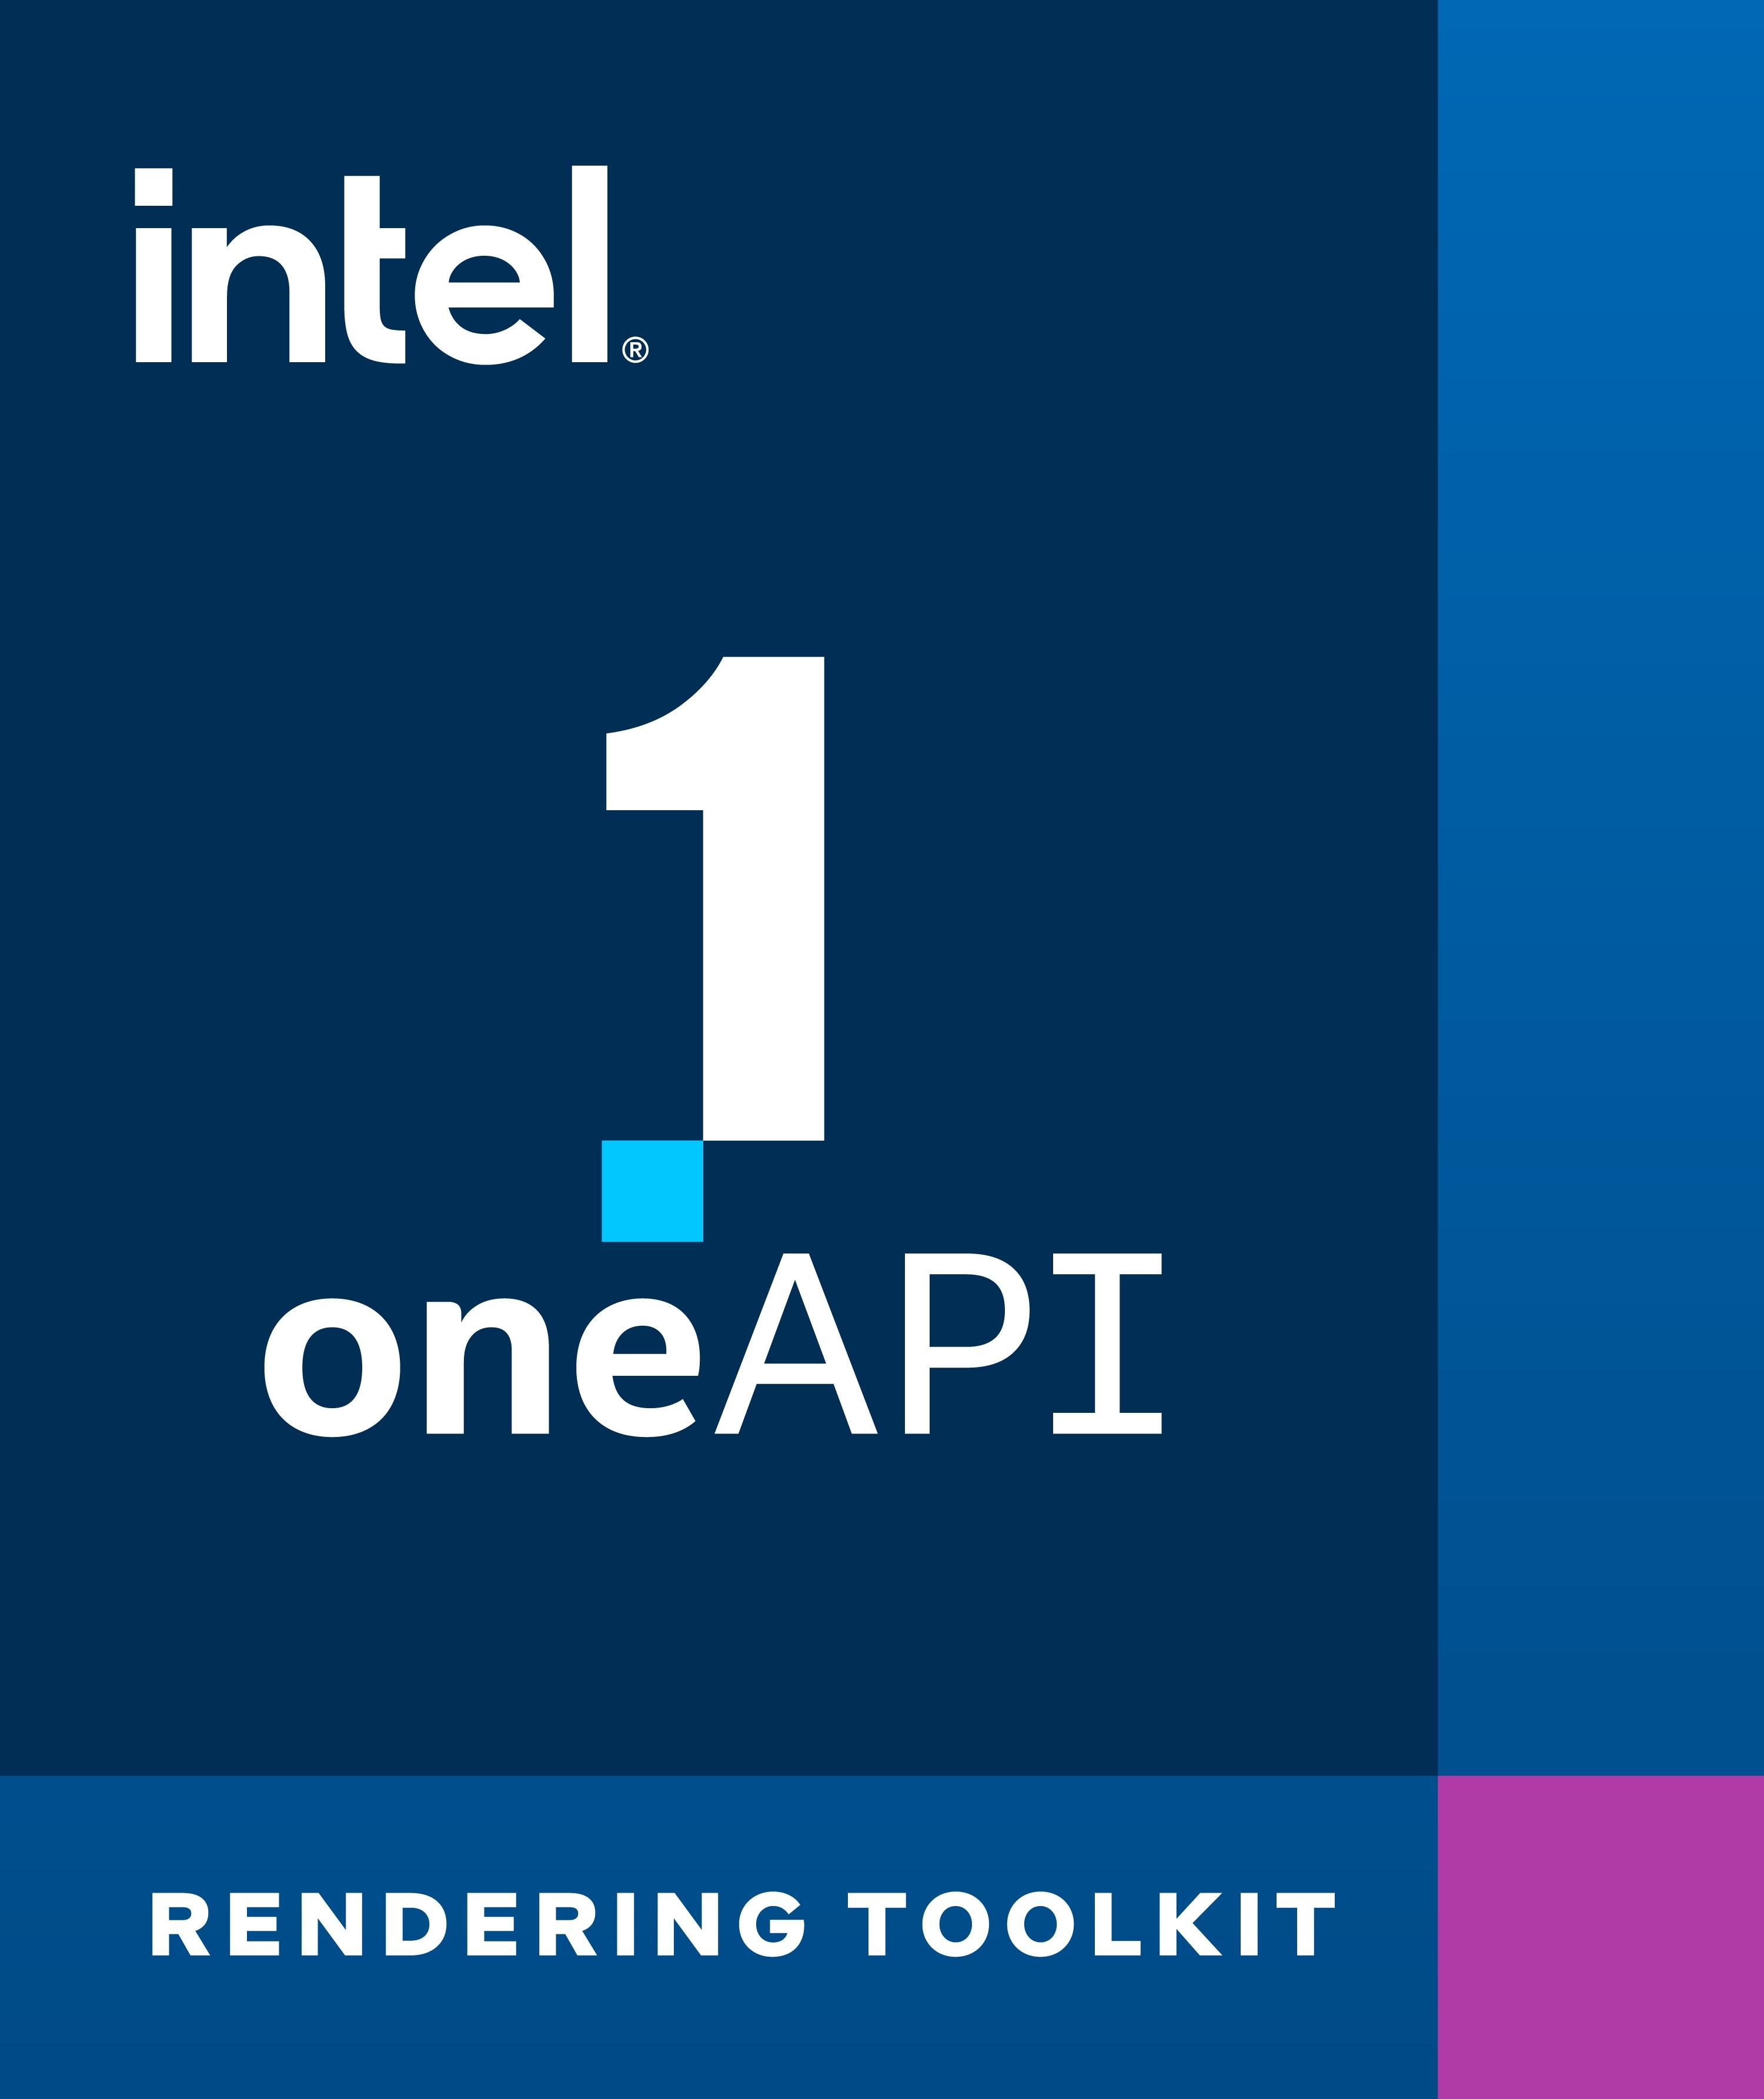 インテル® oneAPI レンダリング・ツールキット